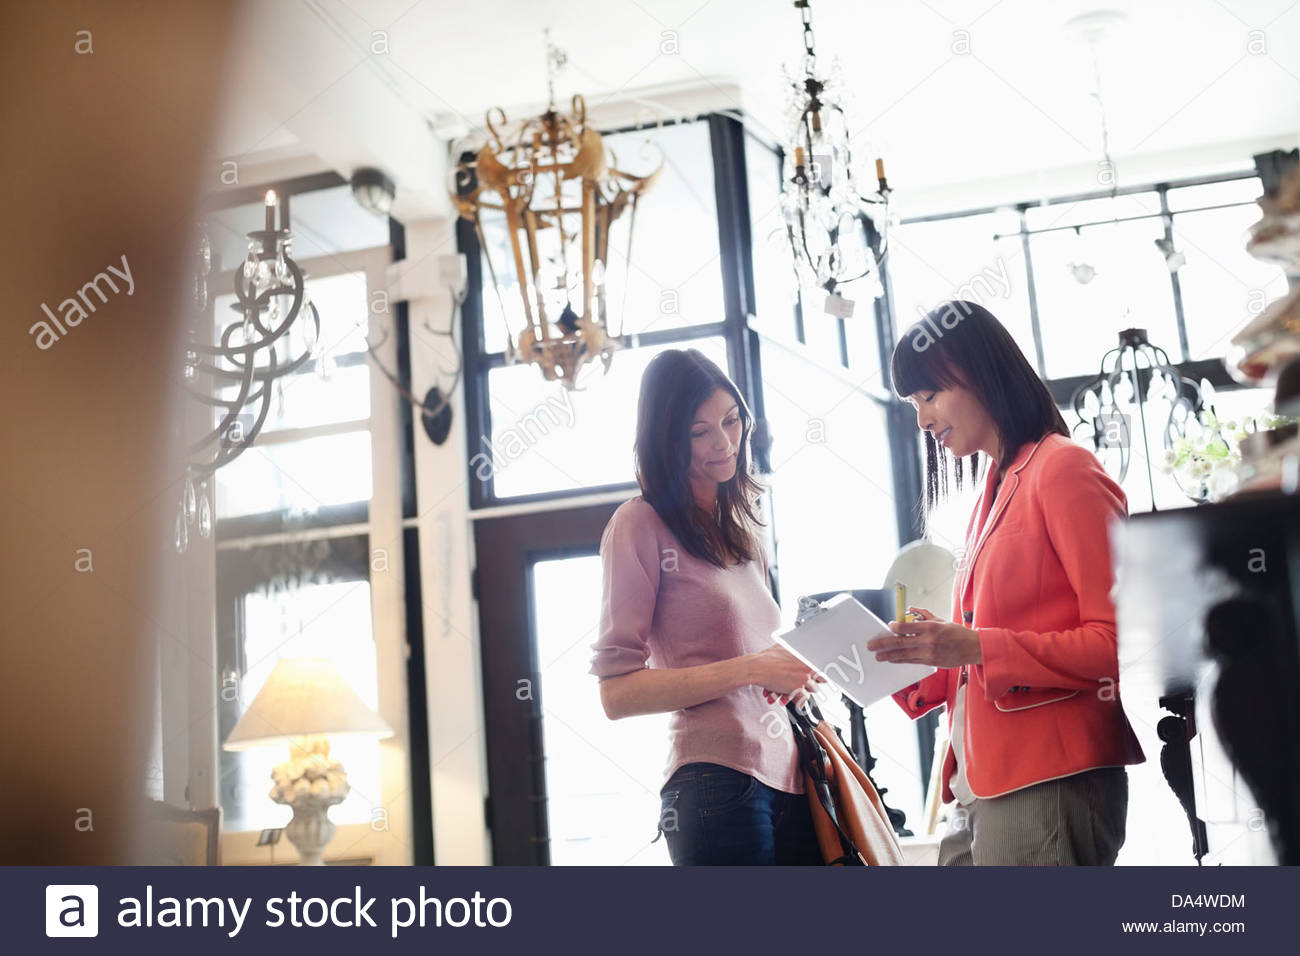 Weibliche Unternehmer helfen Kunden im Möbelhaus Stockfoto